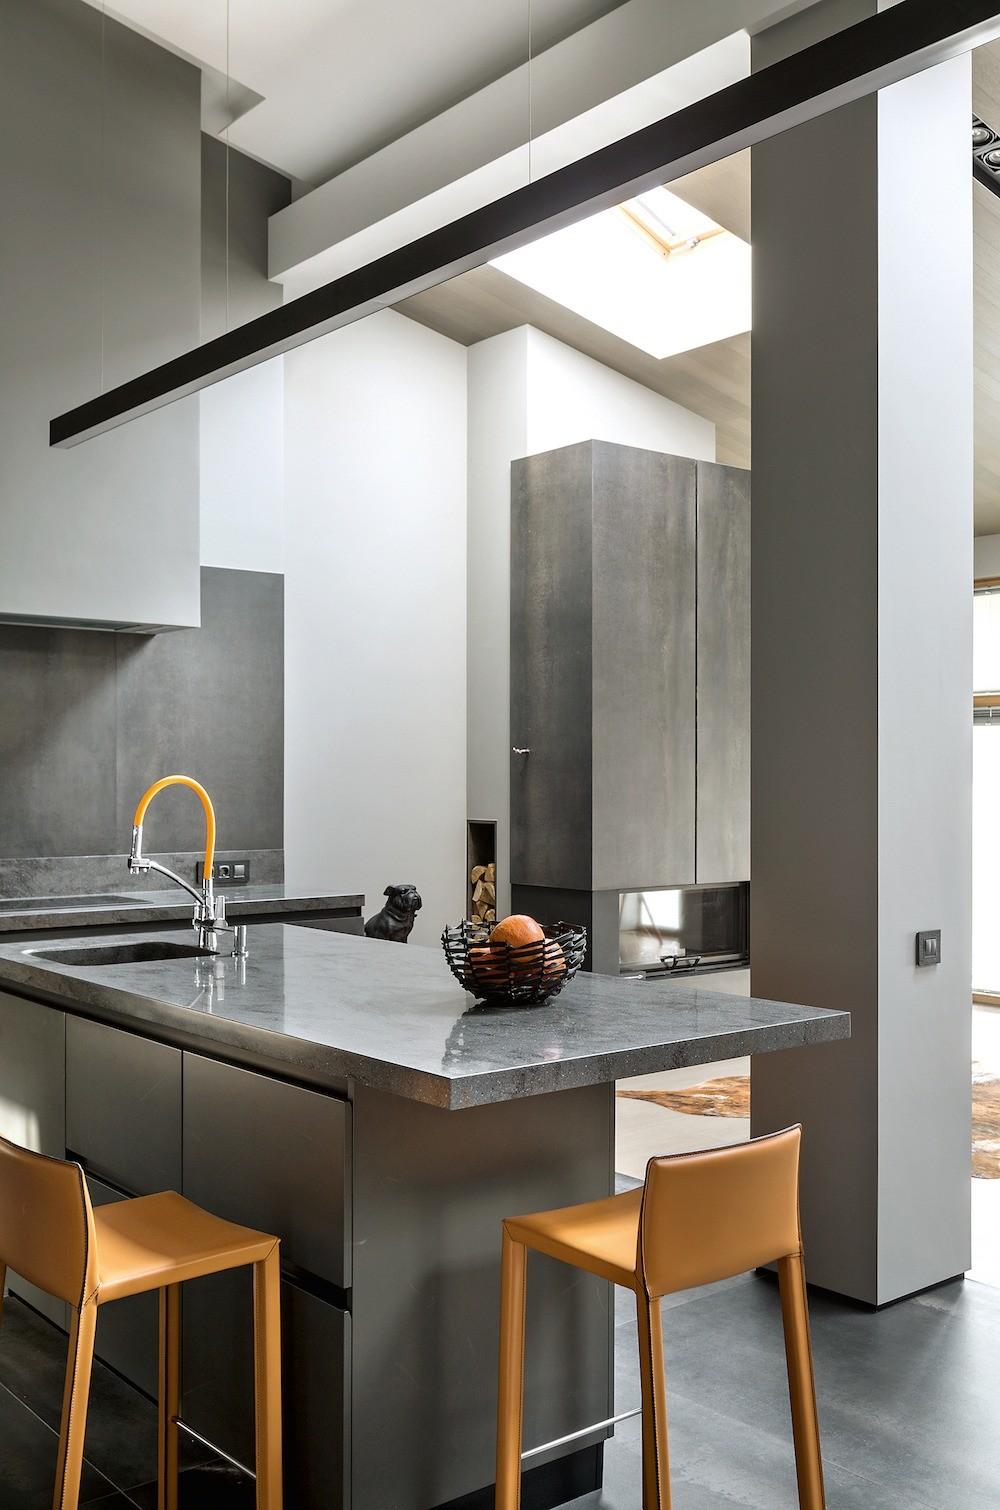 Рабочий остров кухни полубарной высоты служит и местом для завтраков. Практичная столешница из кориана с широким свесом позволяет удобно устроиться за столом.